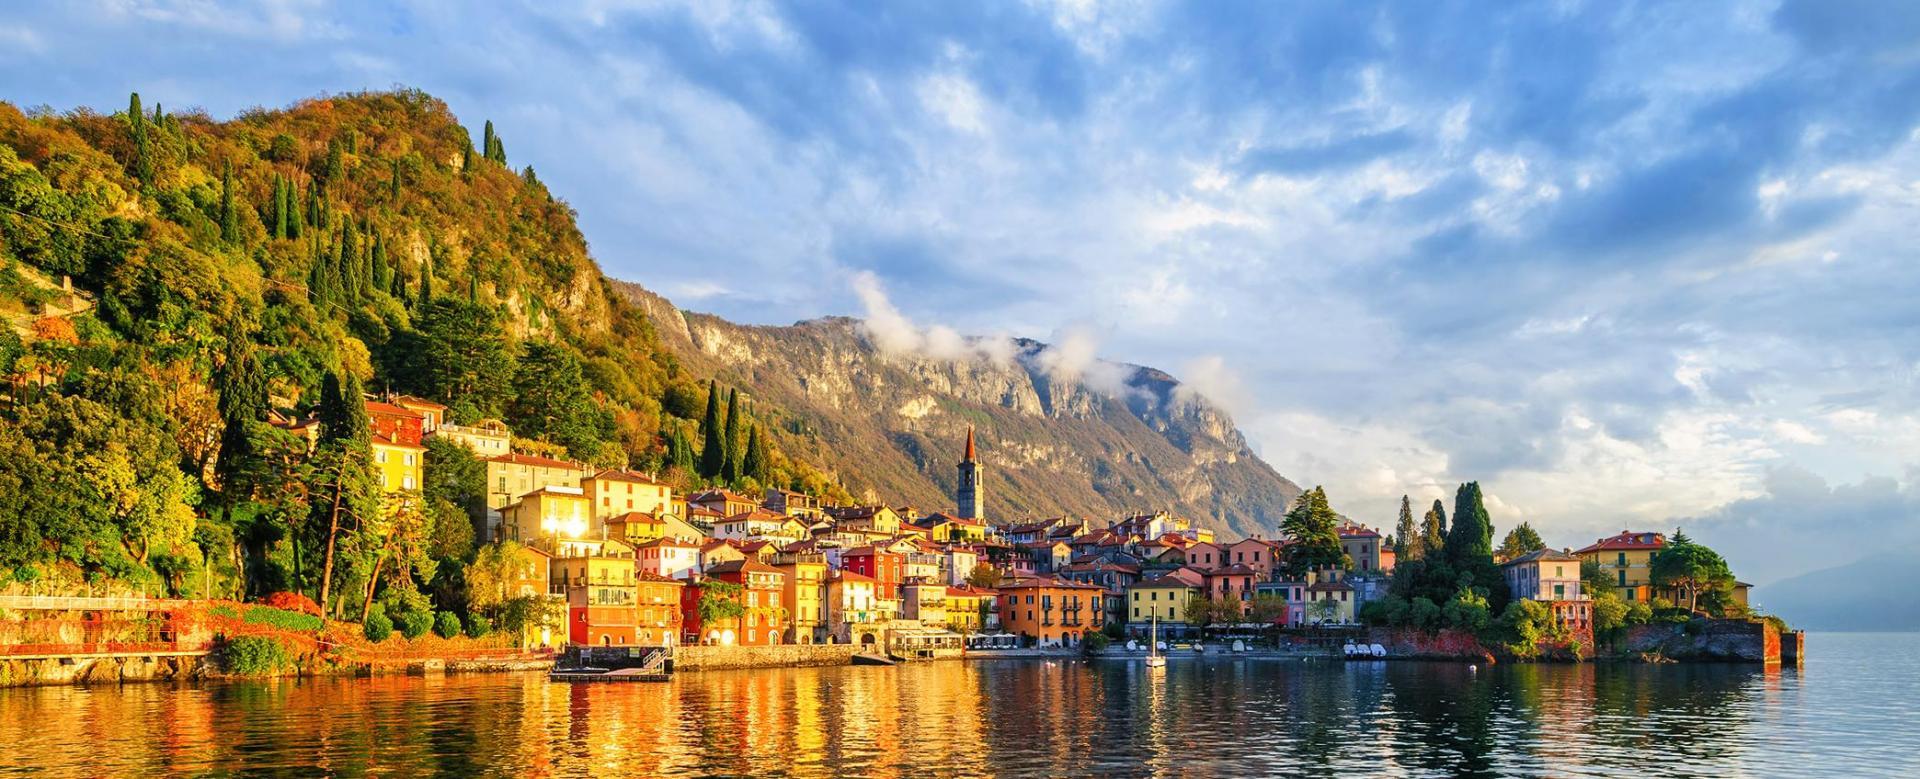 Voyage à pied Italie : Grands lacs, îles et villas